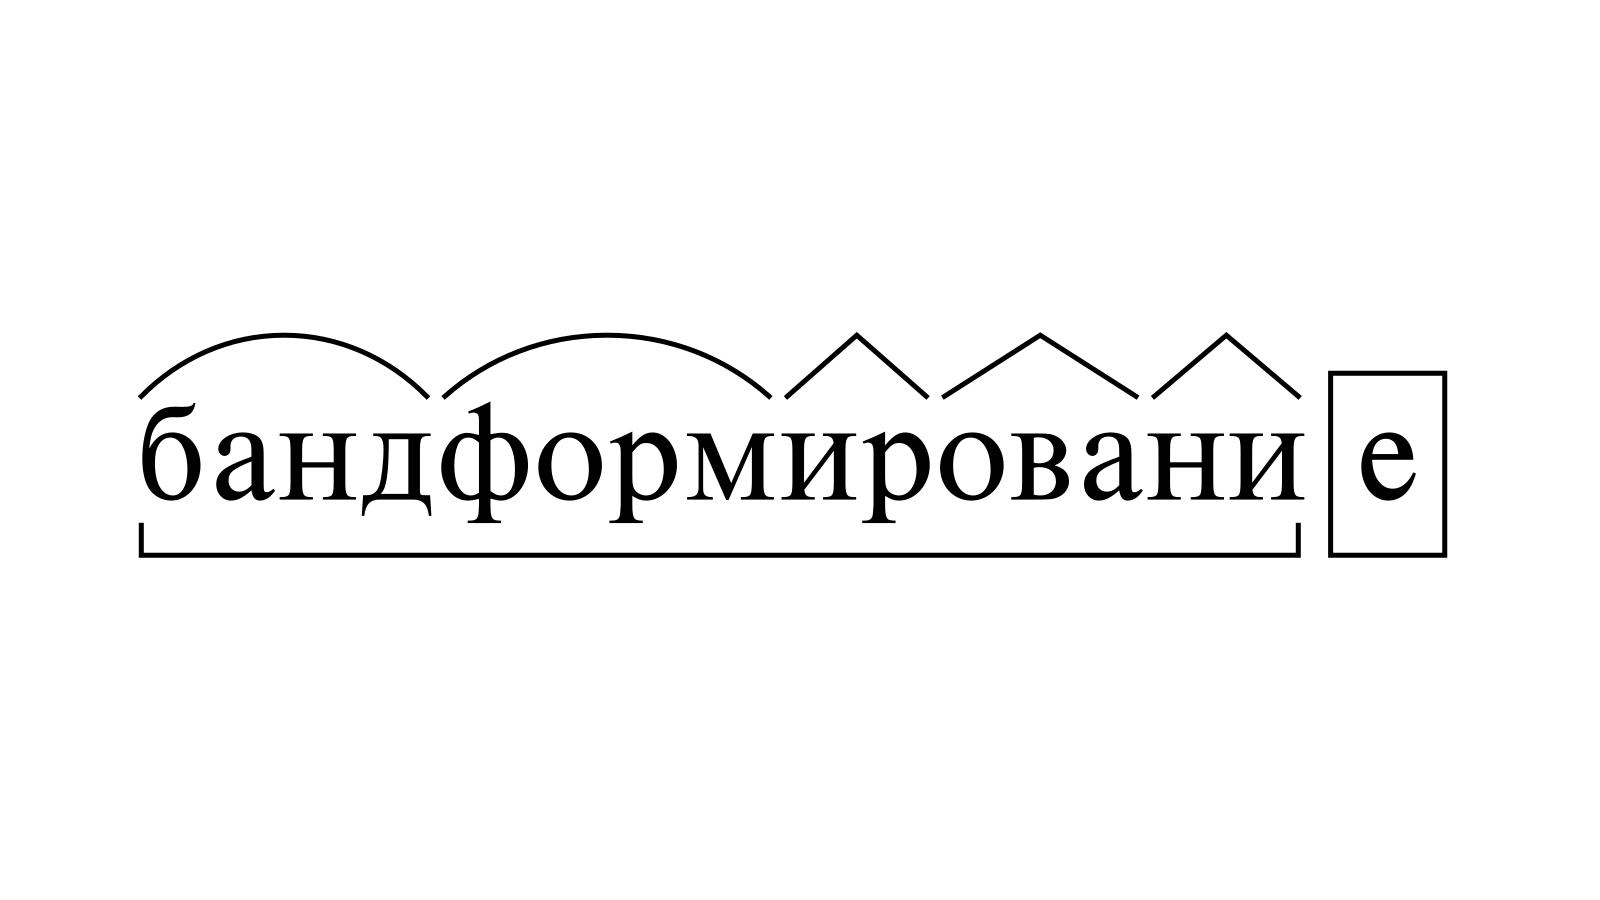 Разбор слова «бандформирование» по составу